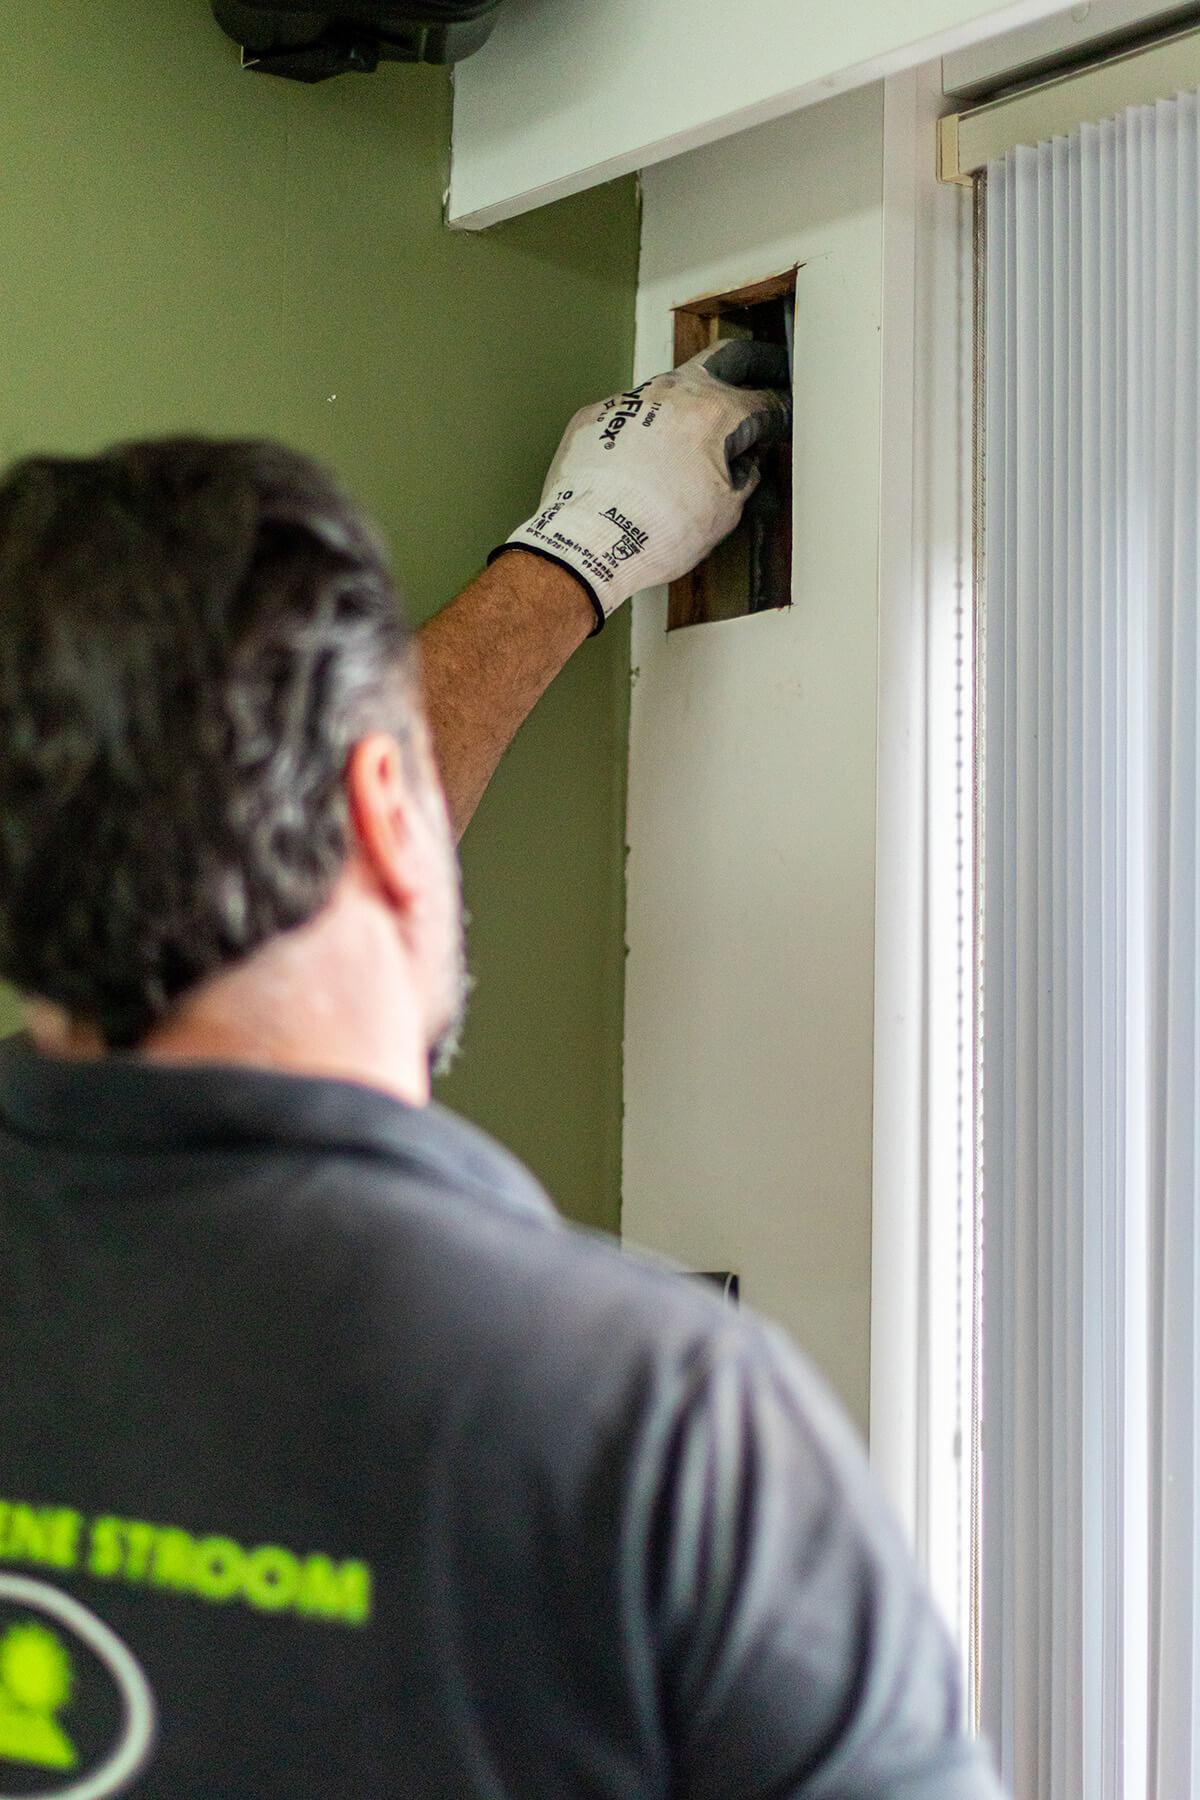 Thuisbatterij installateur voorziet gat voor bekabeling.